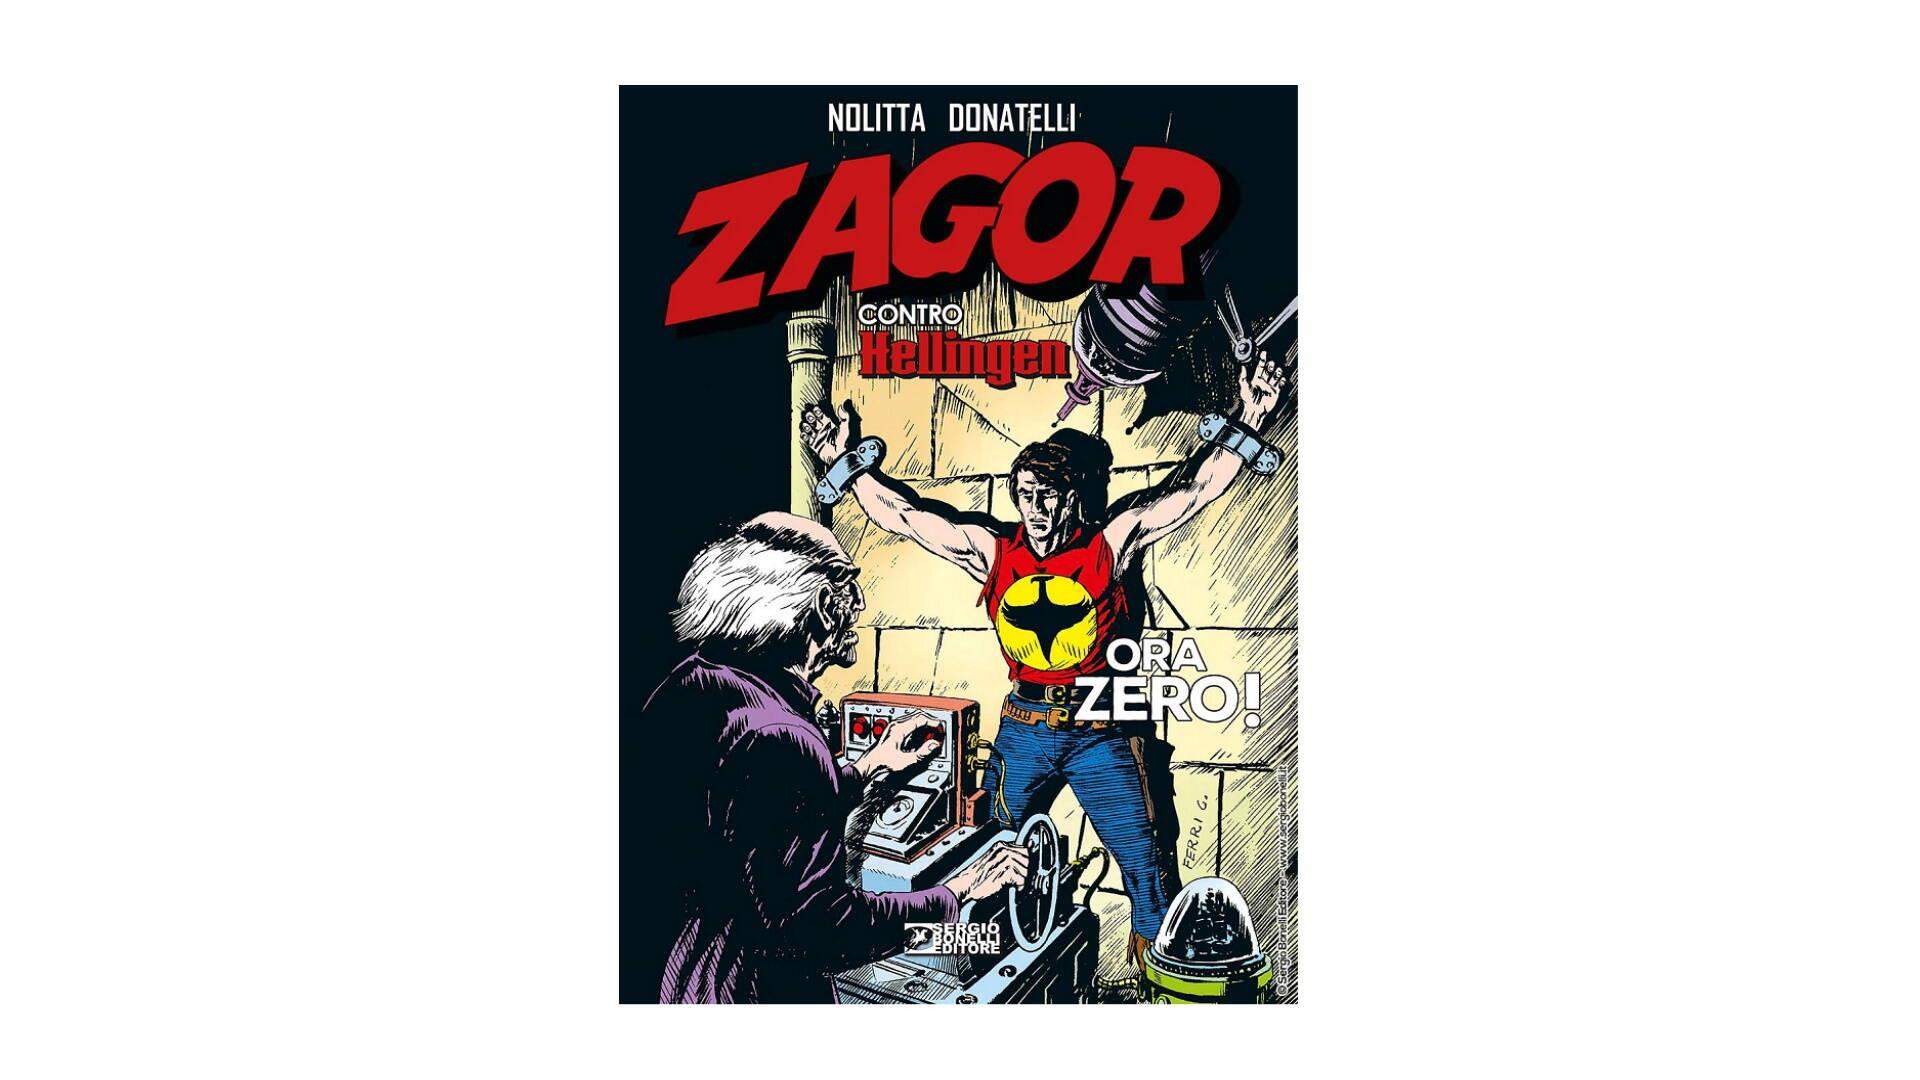 Le uscite Sergio Bonelli Editore dal 19 al 25 luglio 2021